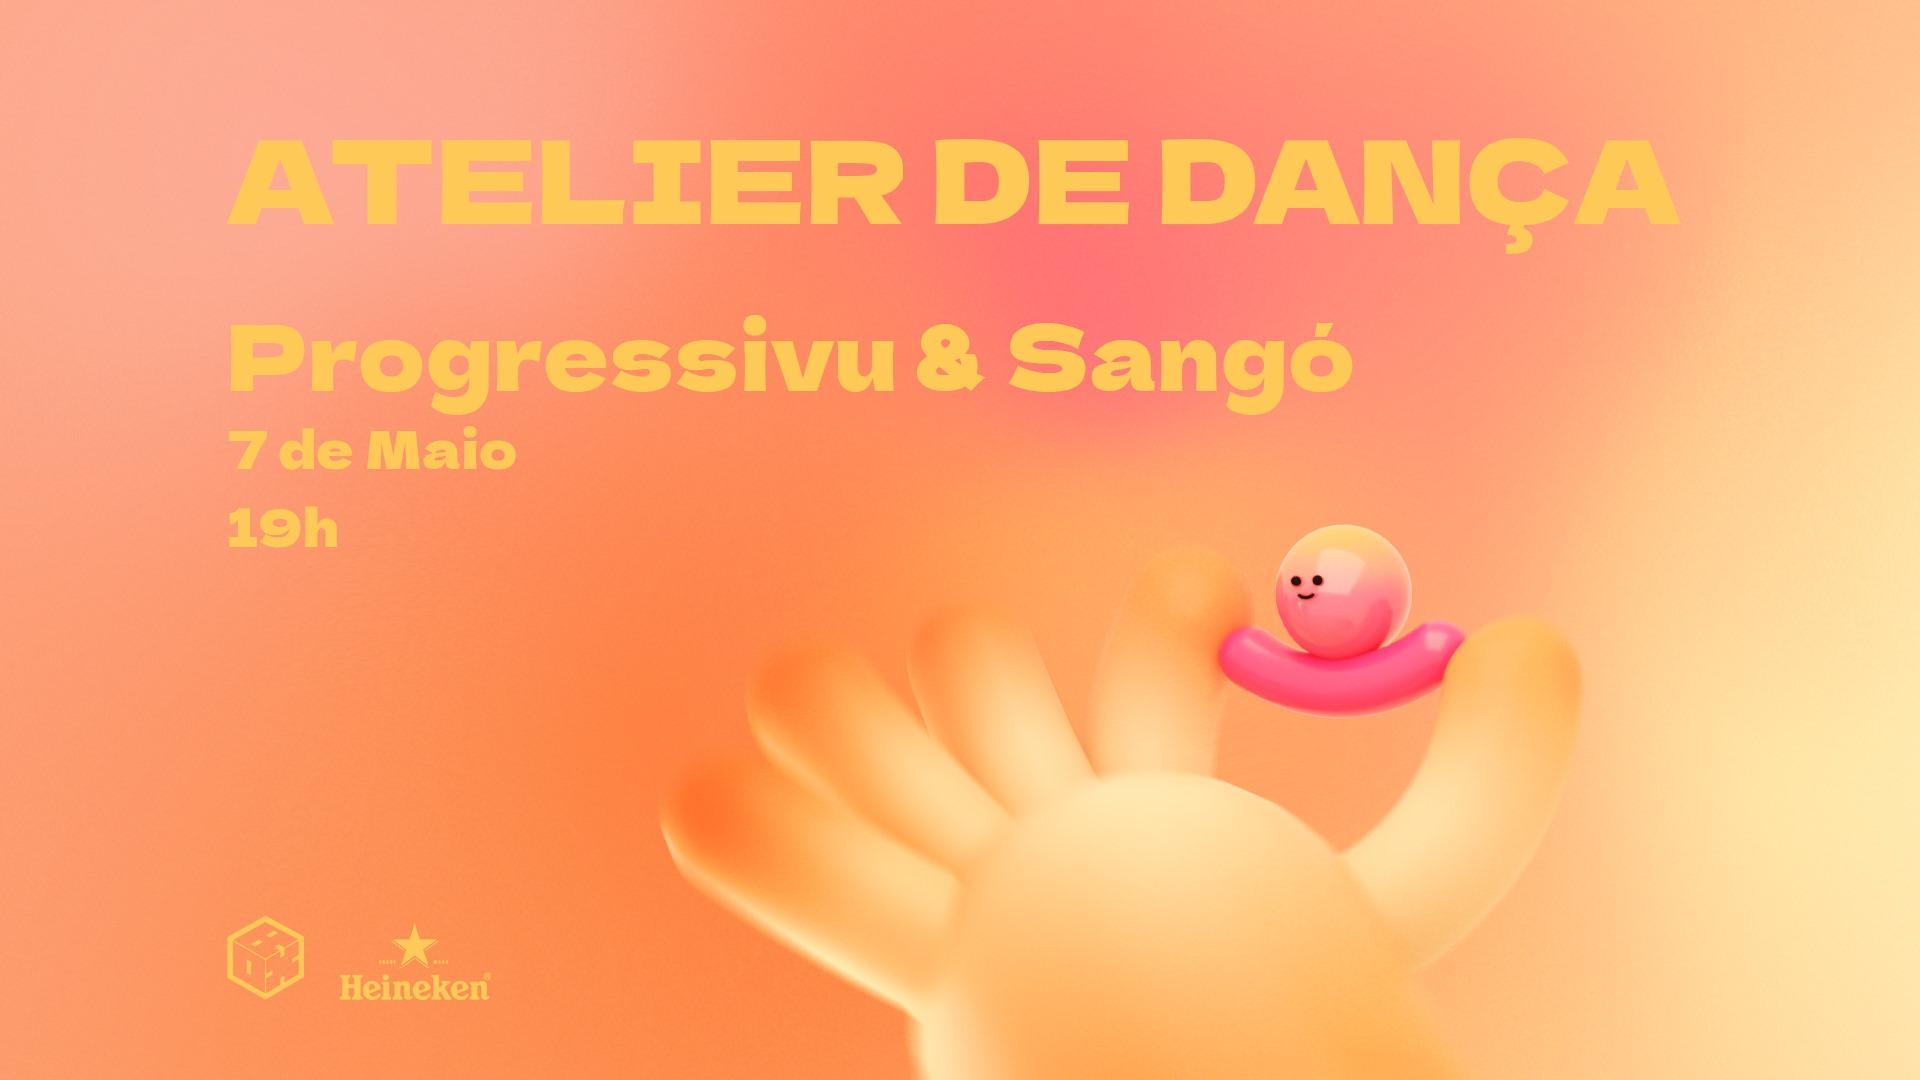 Atelier de Dança com Progressivu & Sangó